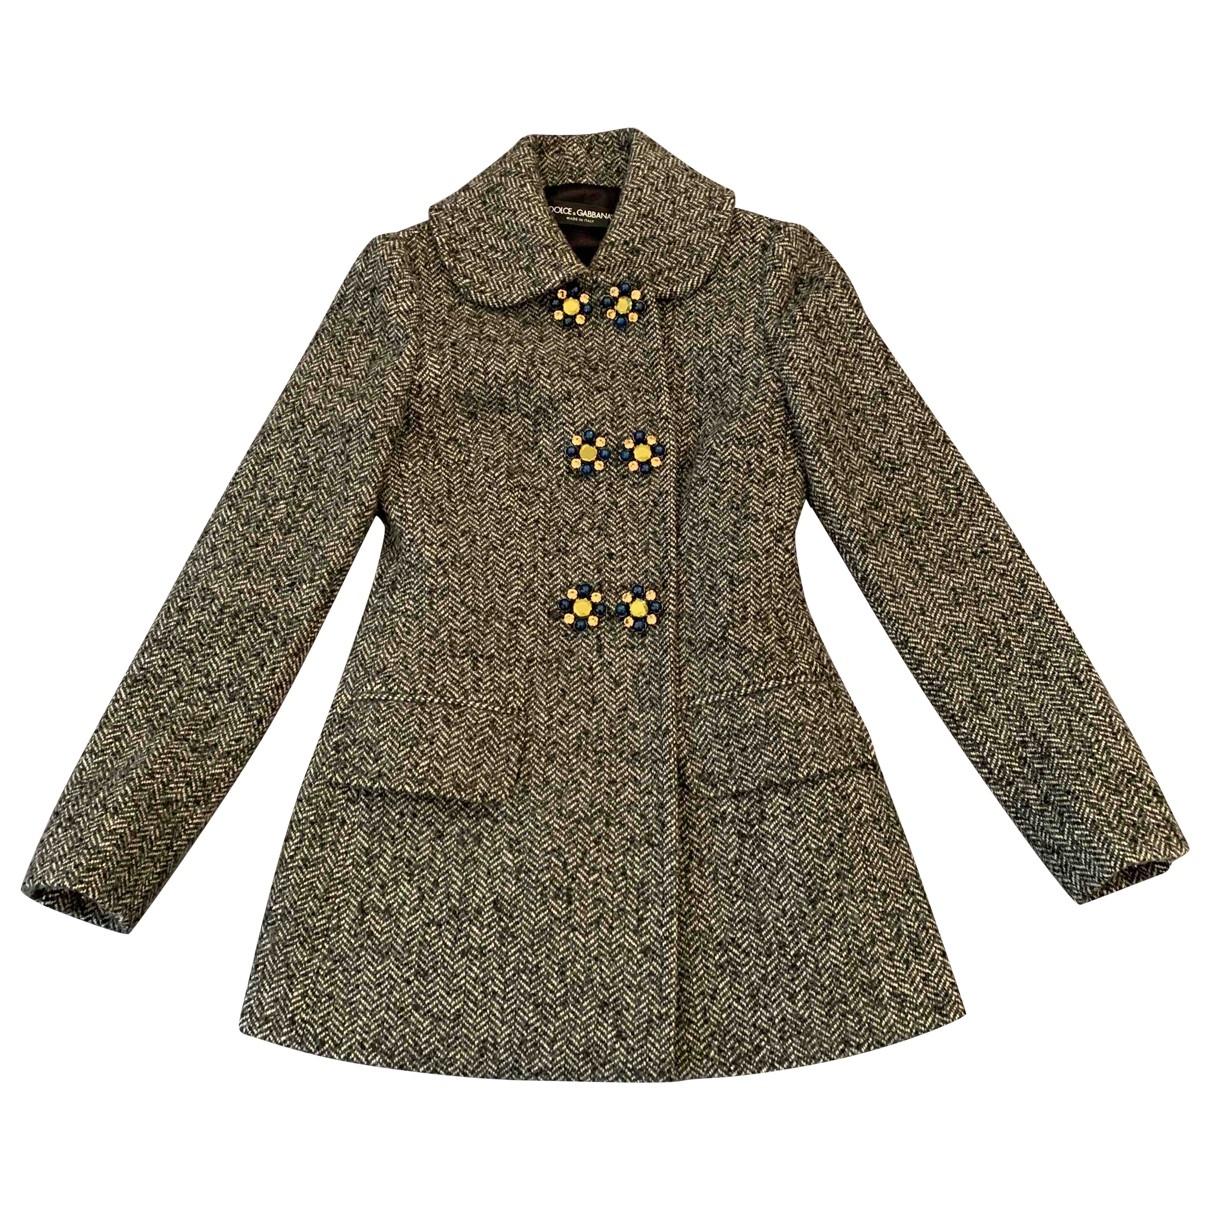 Dolce & Gabbana - Manteau   pour femme en laine - anthracite